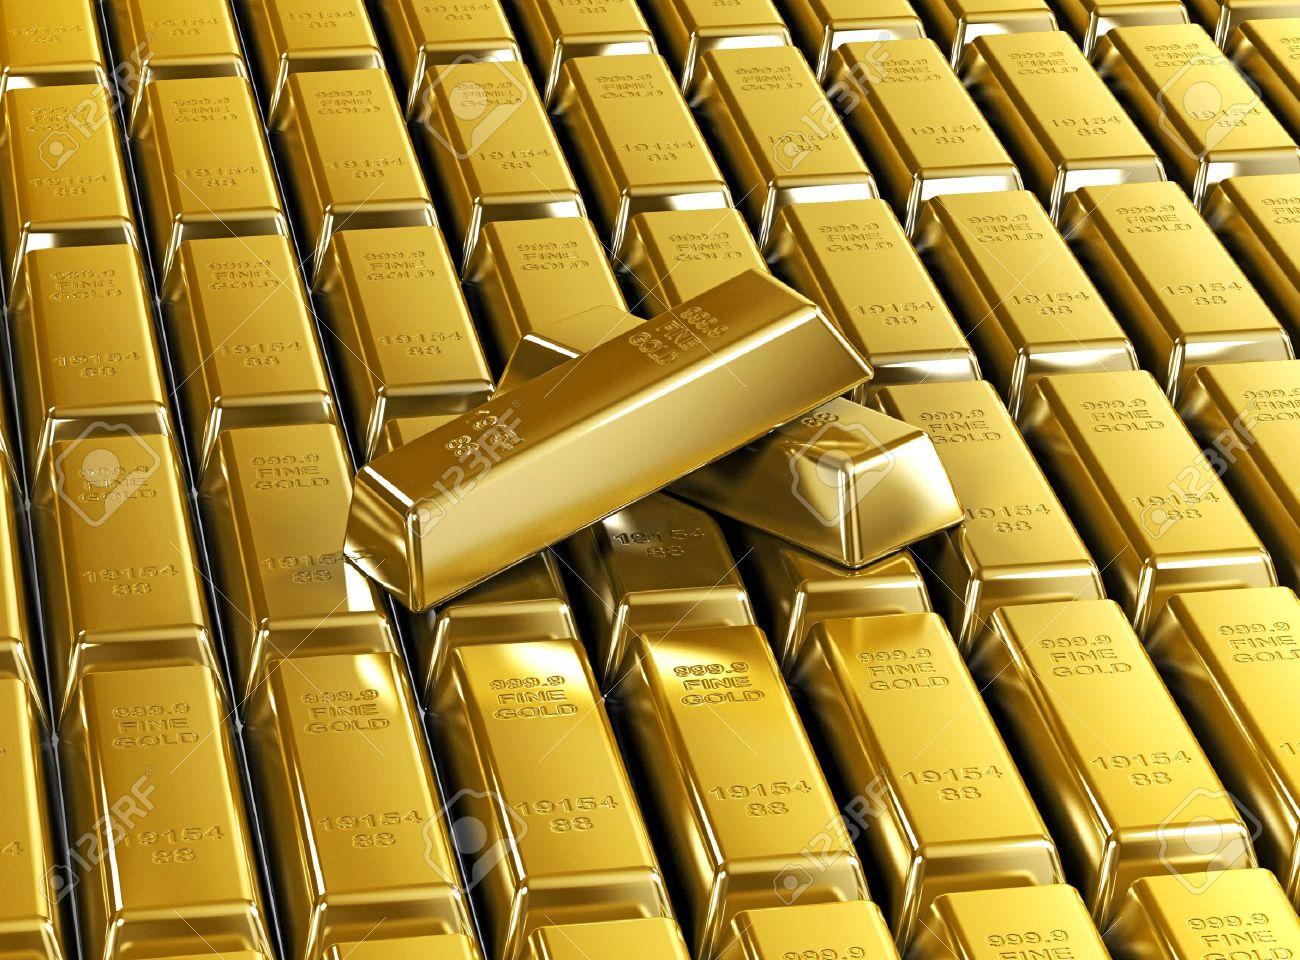 3 D の金の延べ棒の背景の壁紙 豪華な金の延べ棒金属 の写真素材